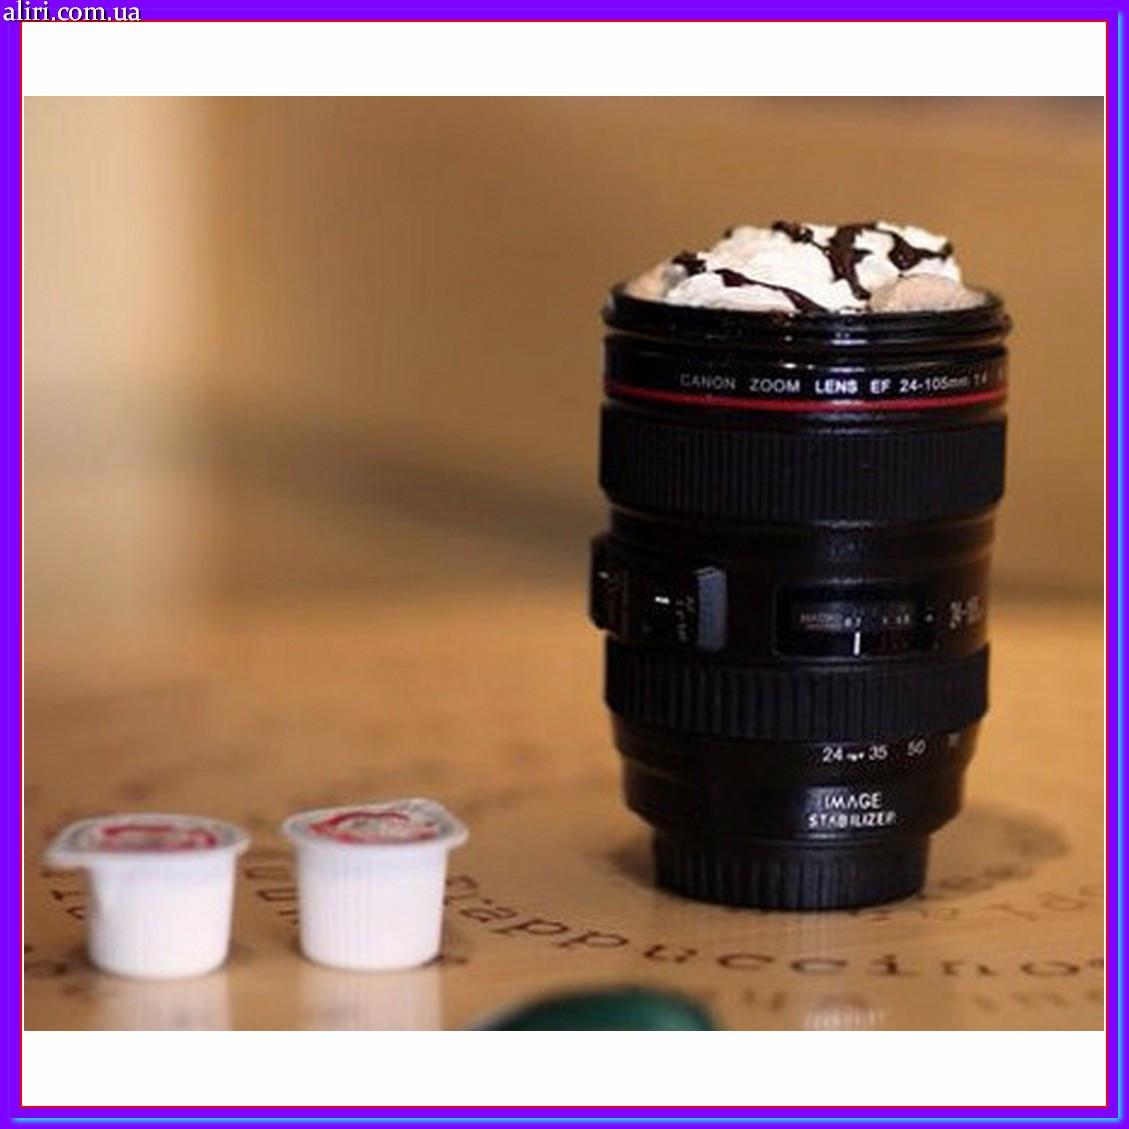 Классная термокружка объектив Canon с крышкой